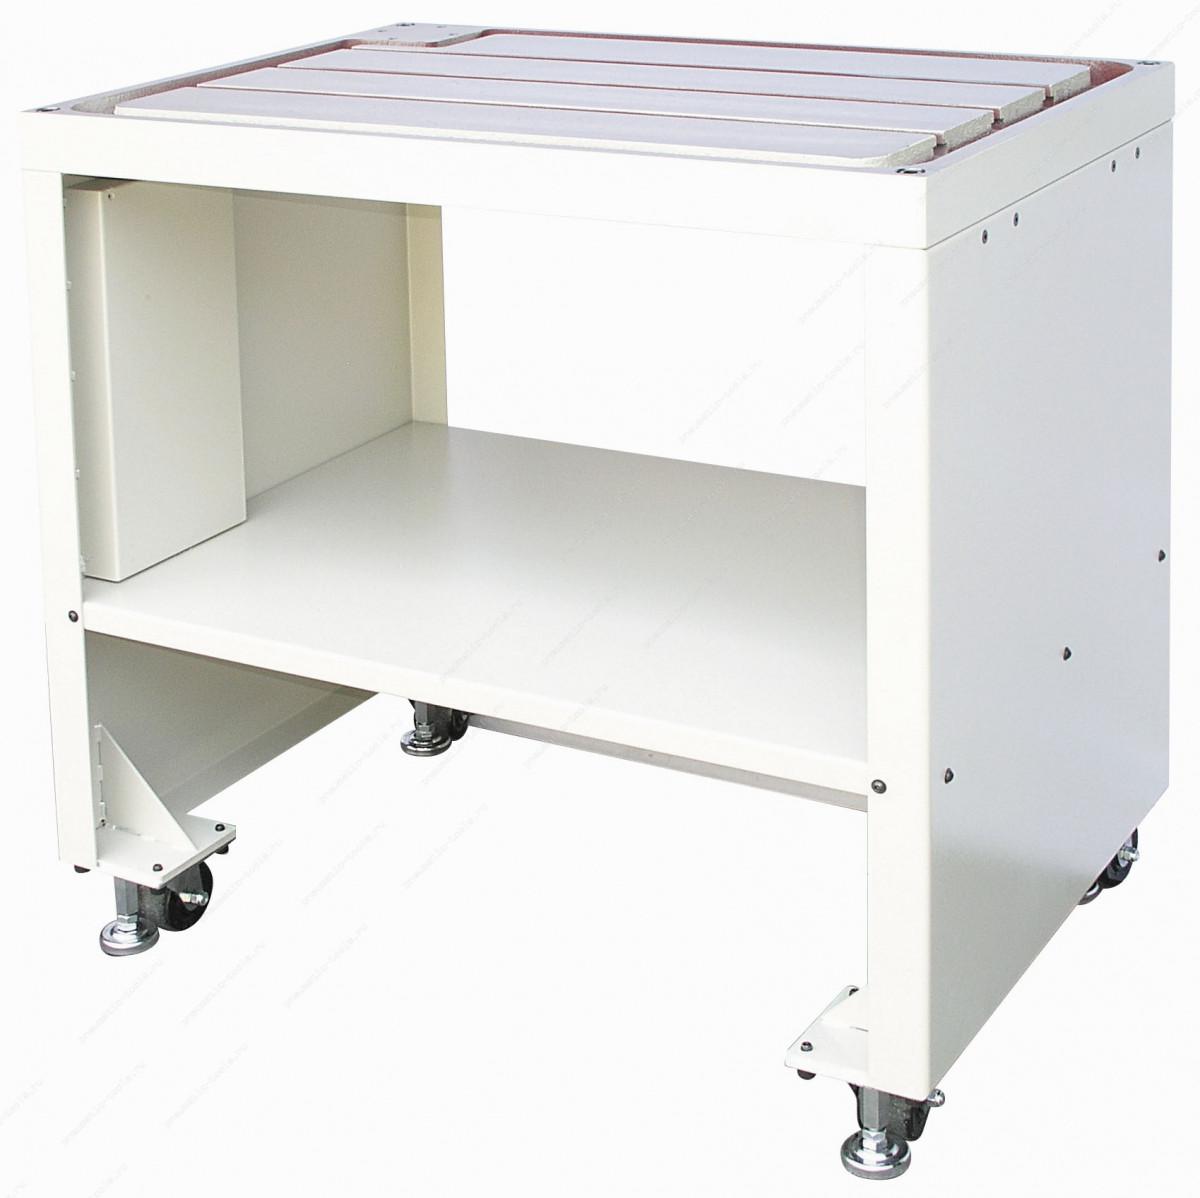 TM 800032 Стол для резьбонарезного манипулятора габариты (д х ш х в), мм: 900х630х900;  масса, кг: 200